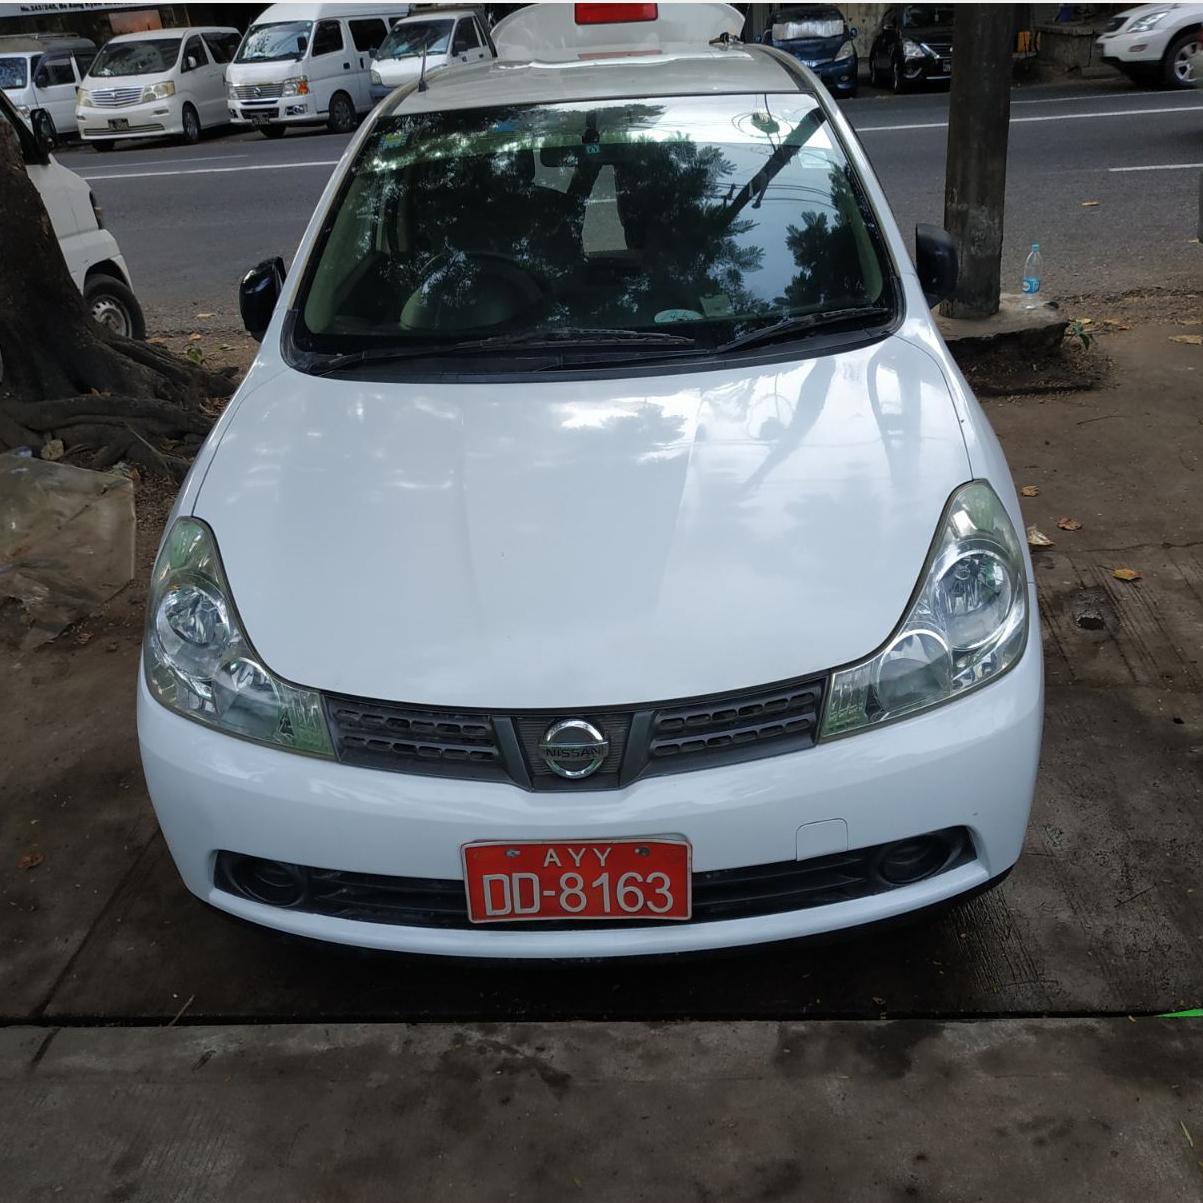 Nissan Wingroad 2007  Image, ကား/စီဒန် classified, Myanmar marketplace, Myanmarkt